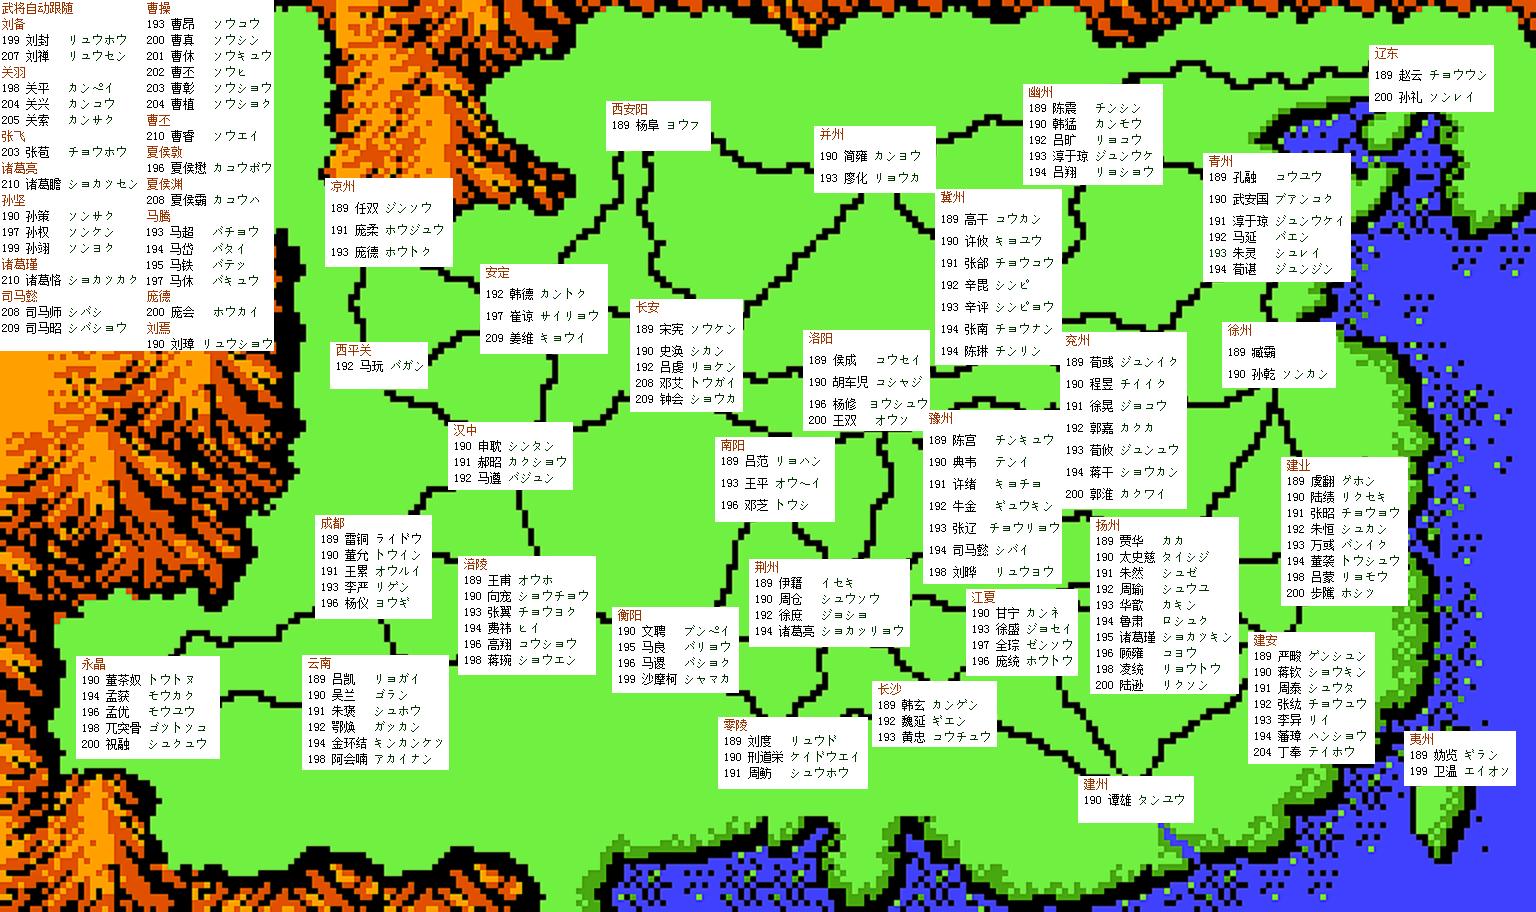 三国志2:霸王的大陆 电脑模拟器整合包